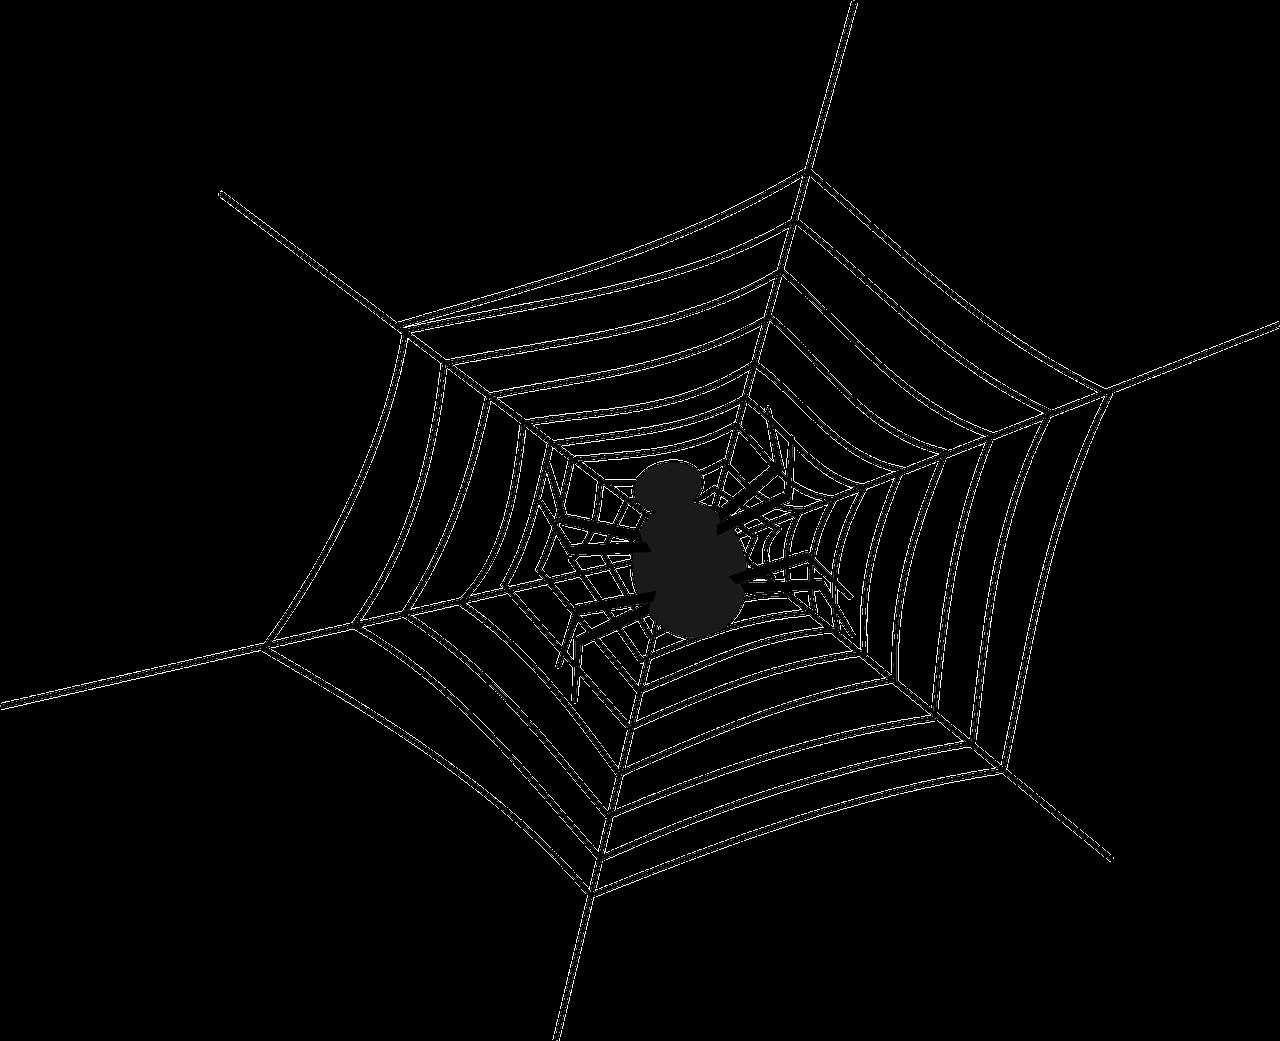 каминов картинки пауков на паутине нарисовать включают сосудистые